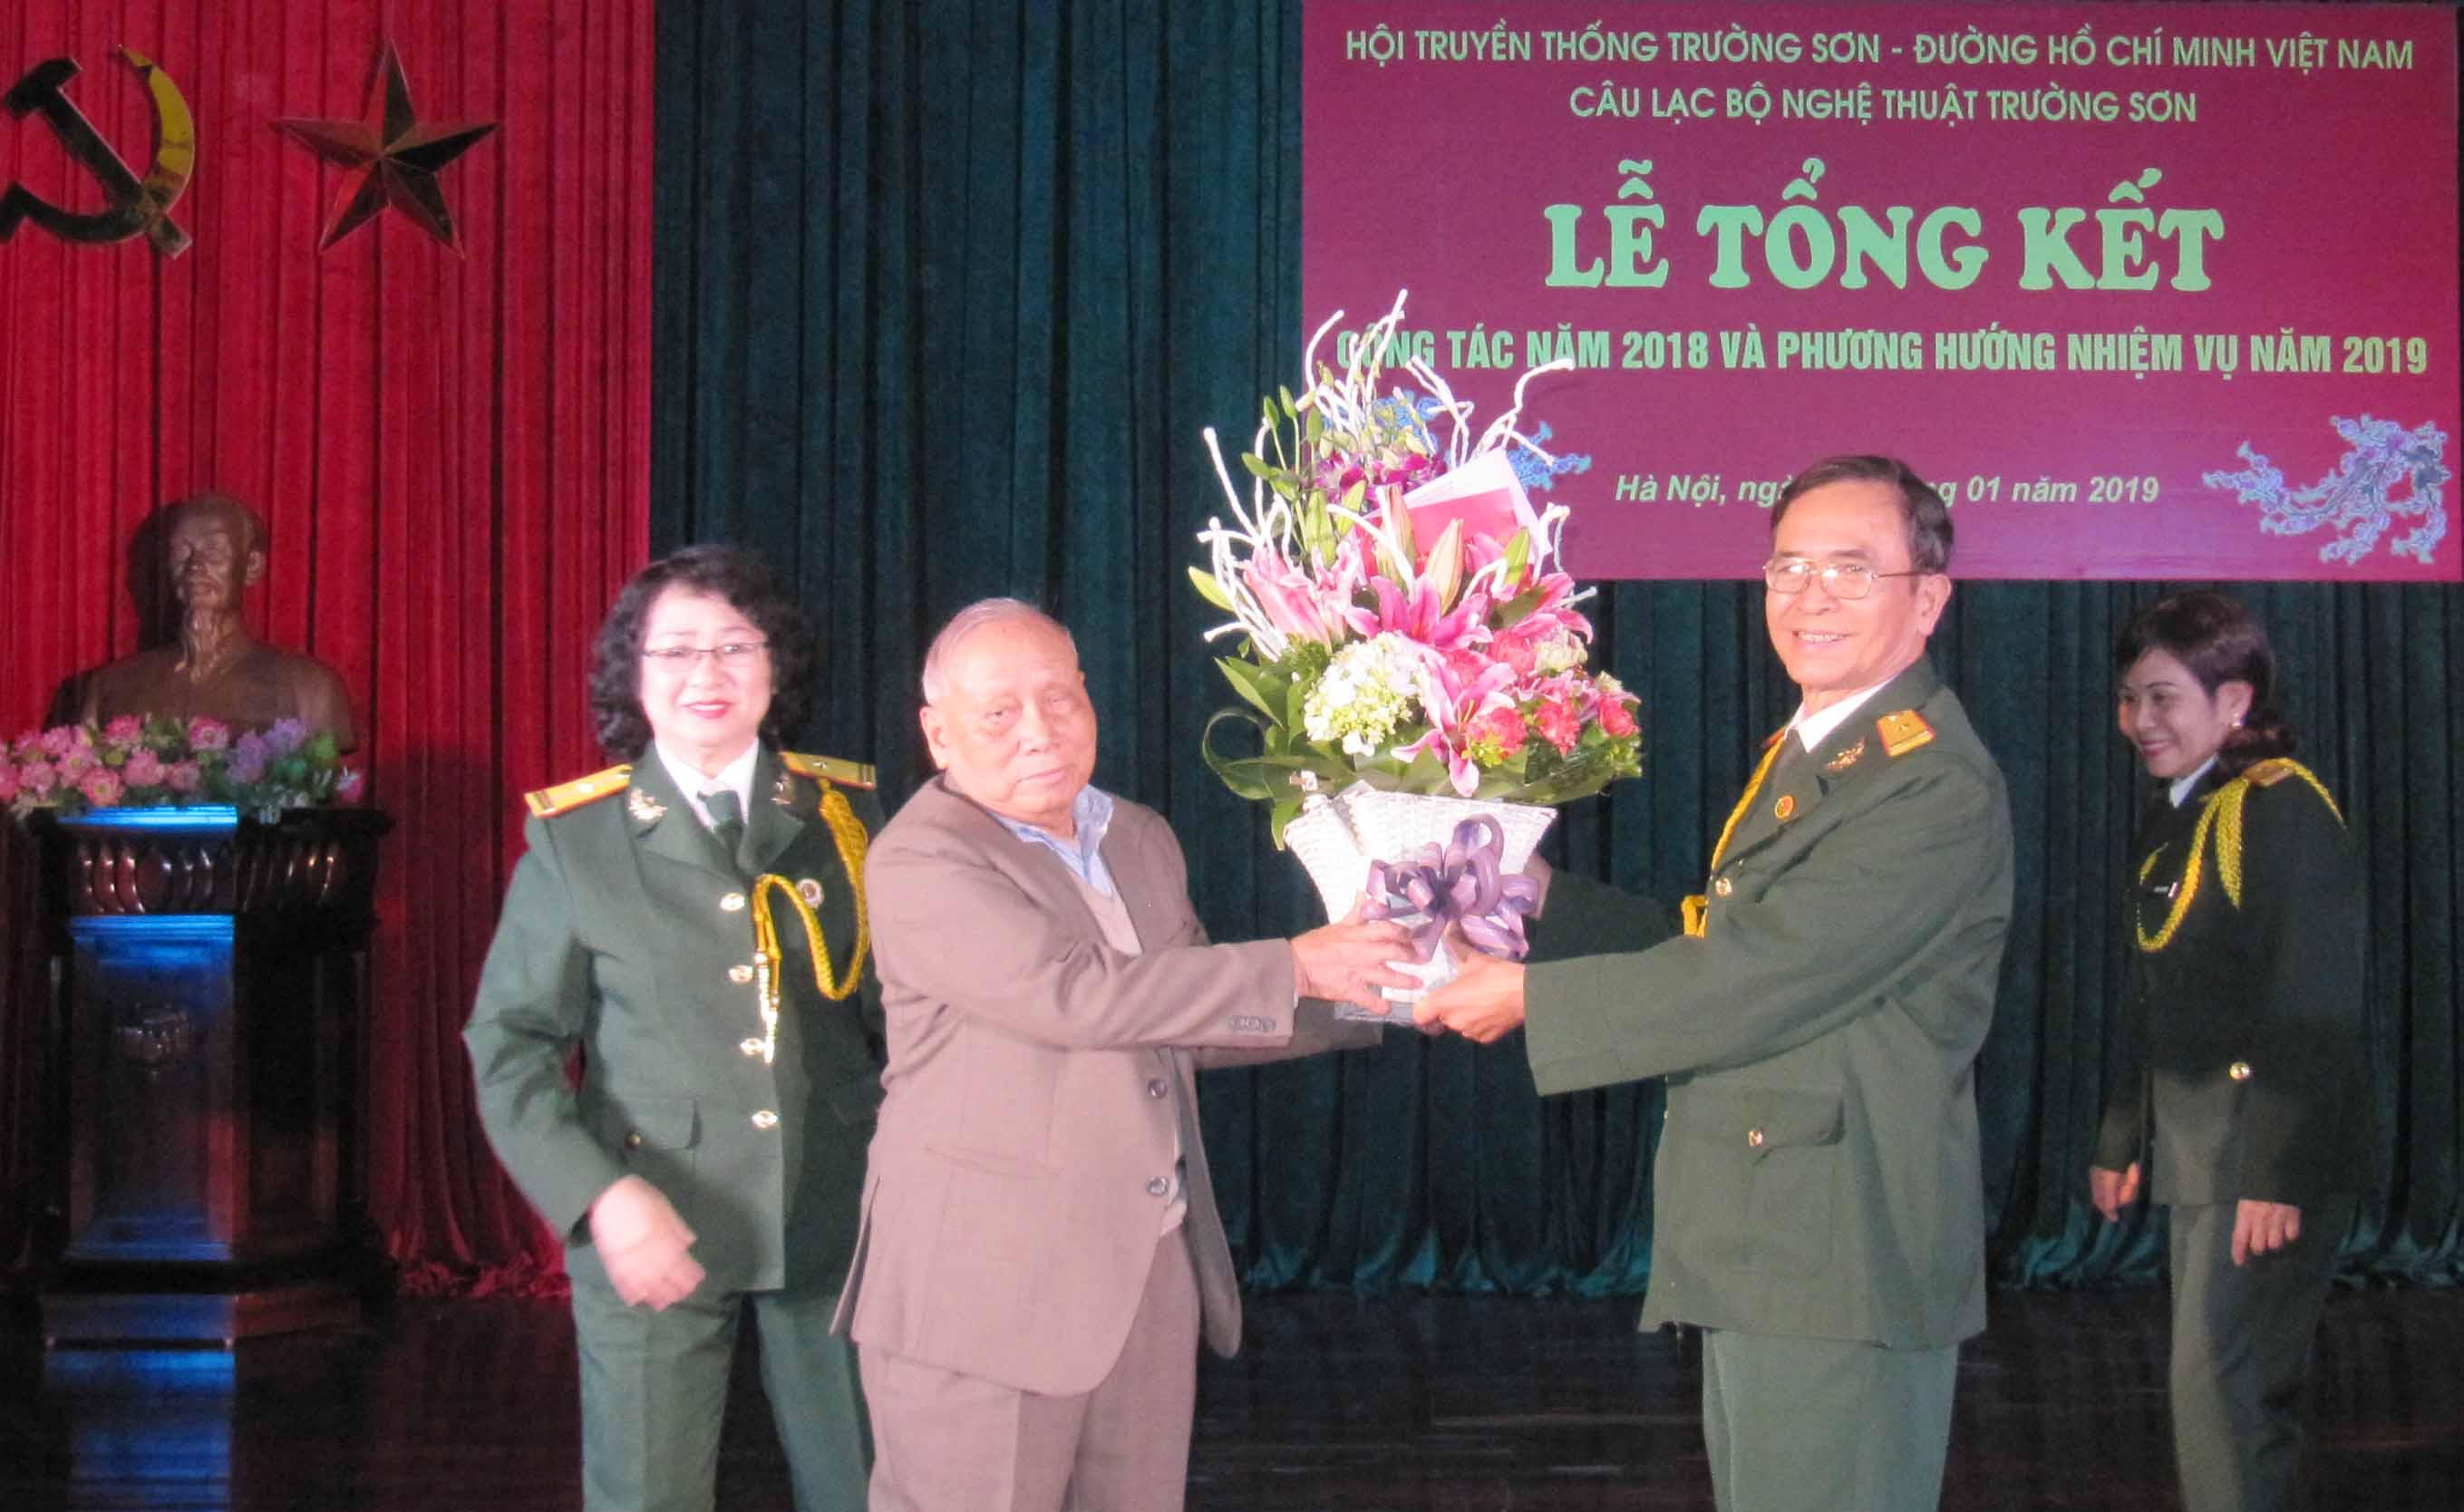 CLB Nghệ thuật Trường Sơn tổng kết hoạt động năm 2018